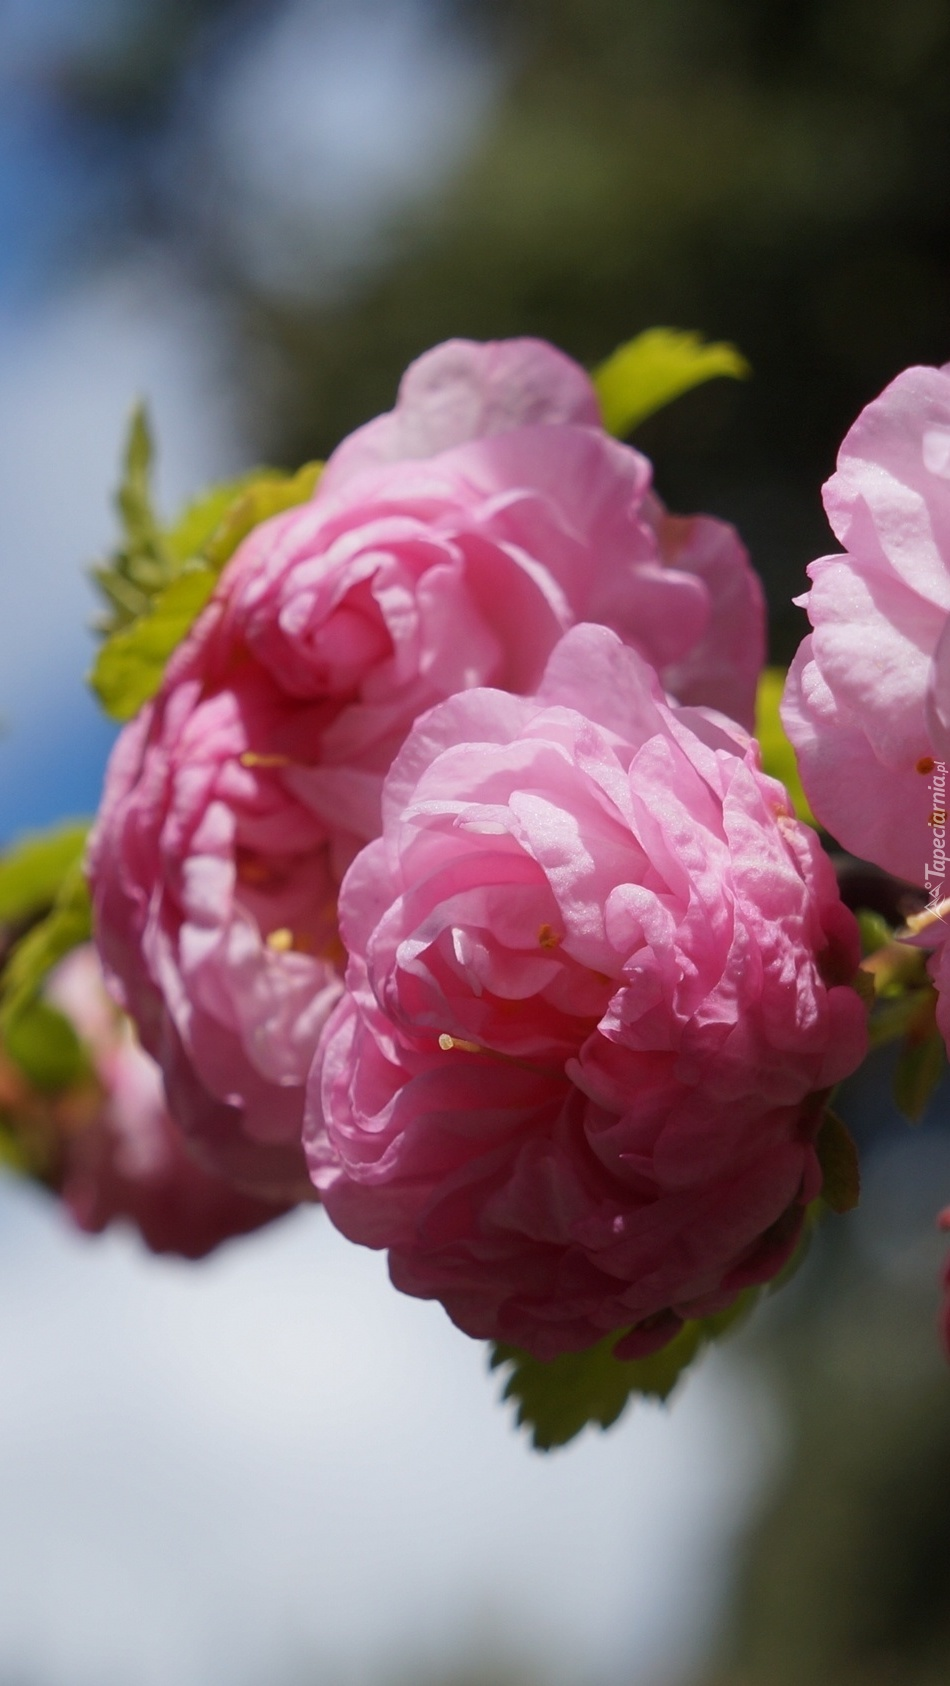 Gałązka migdałka różowego pomału przekwita